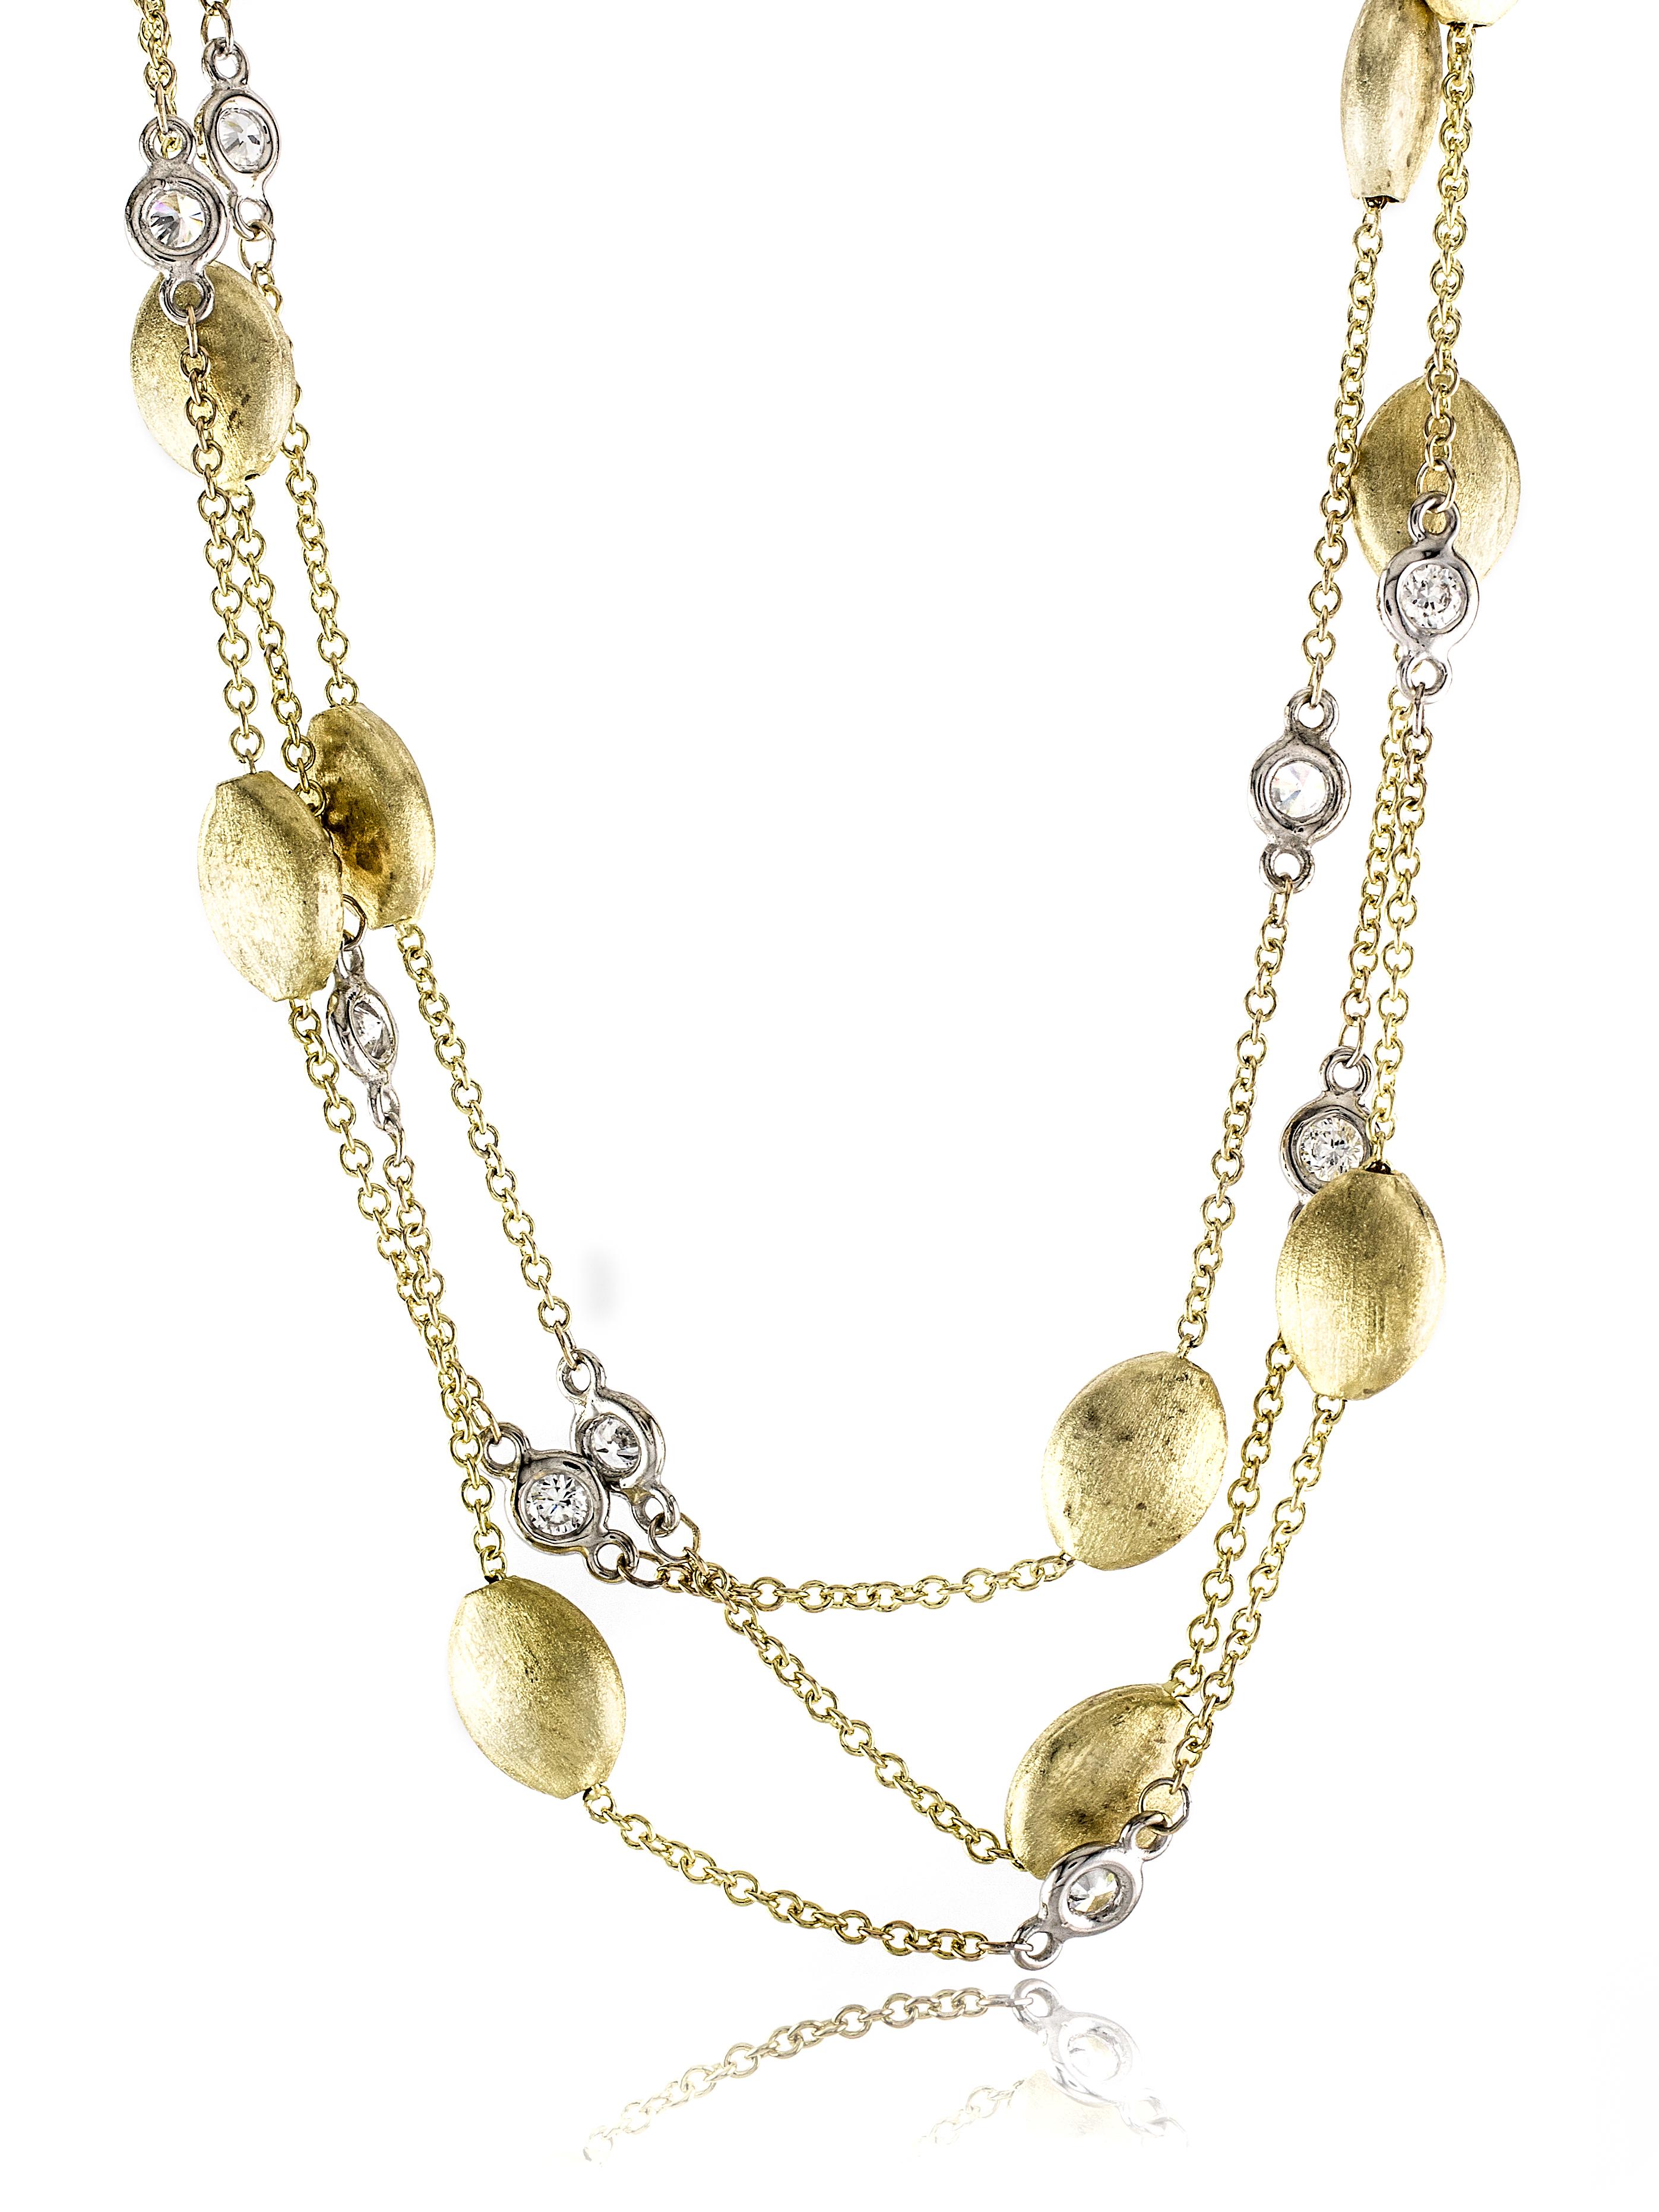 fashion jewelry designer jewelry diamond jewelry